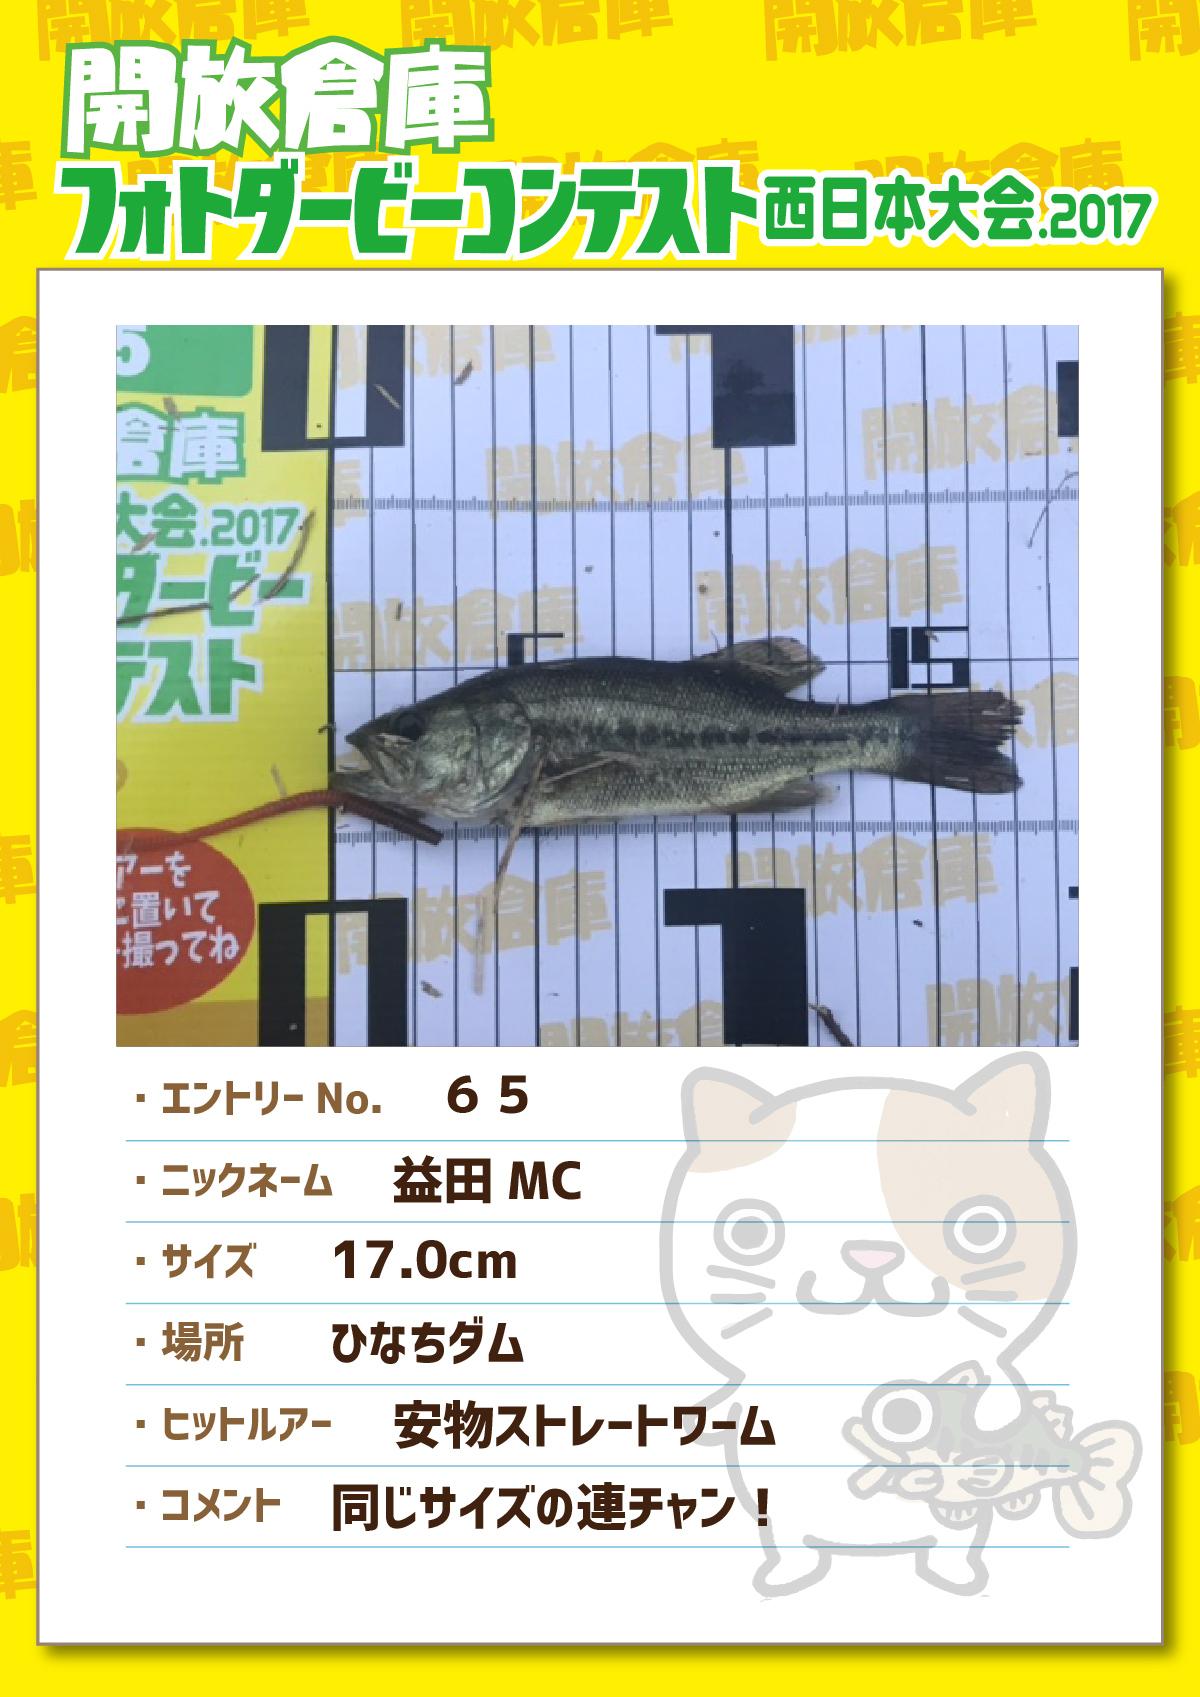 No.065 益田MC 17.0cm ひなちダム 安物ストレートワーム 同じサイズの連チャン!